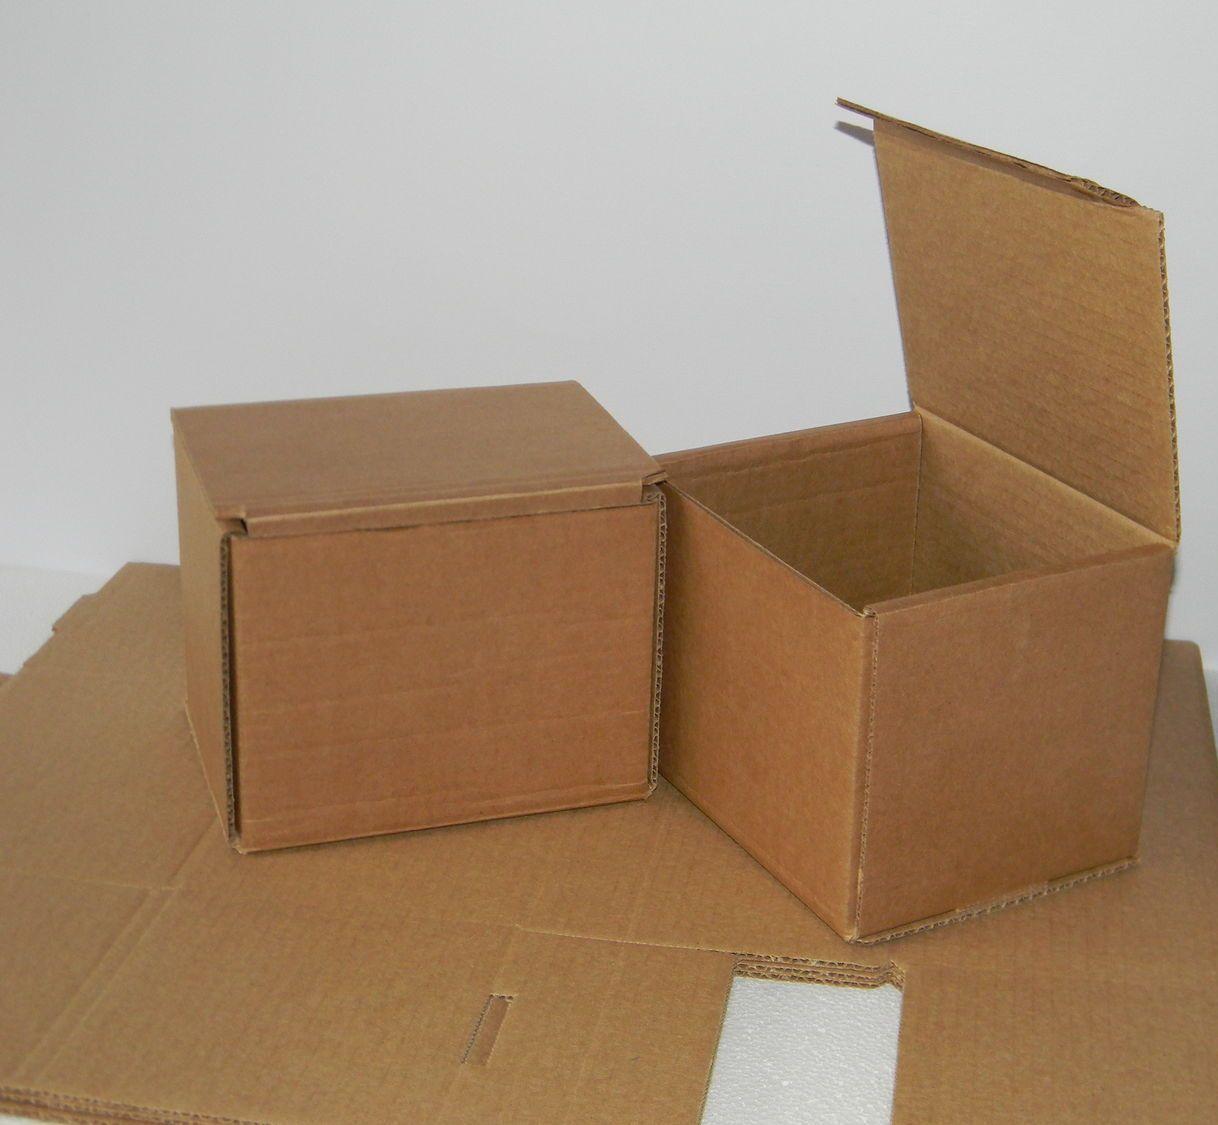 Картонные коробки по самым низким ценам в Одессе